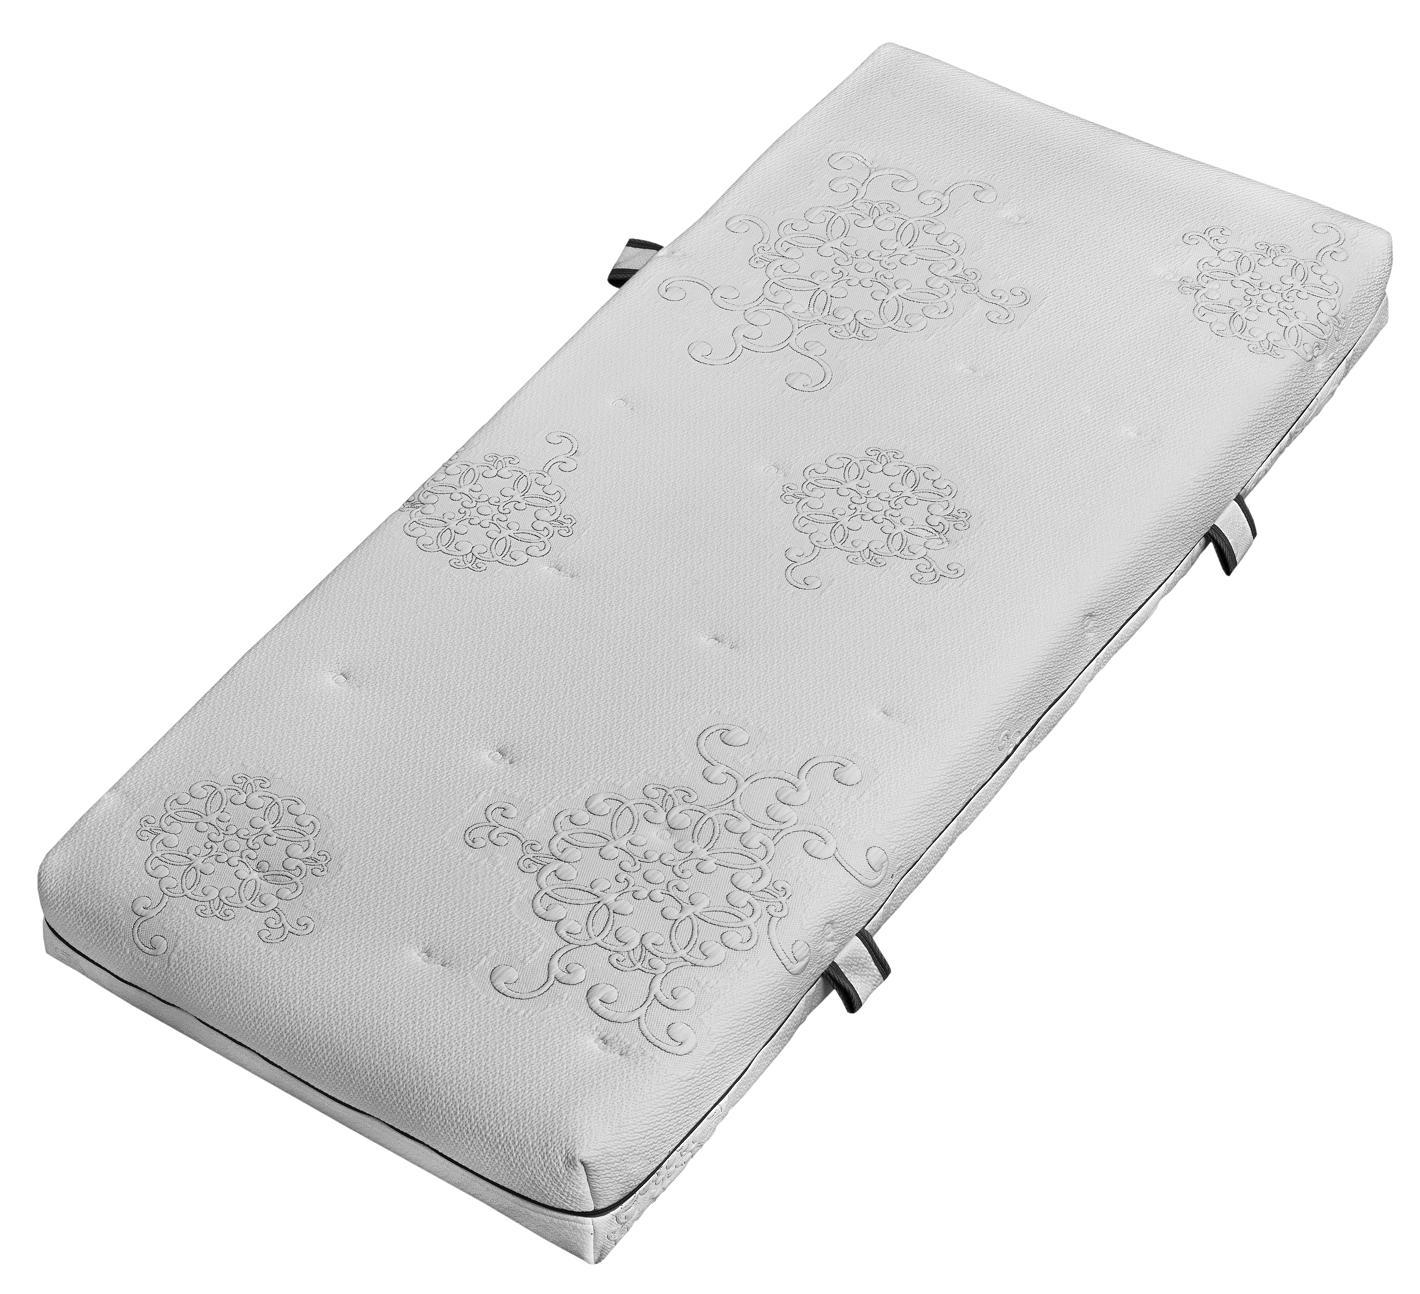 sembella geltex liverpool gratis lieferung sterreichweit 22 aktion heim bettwaren. Black Bedroom Furniture Sets. Home Design Ideas